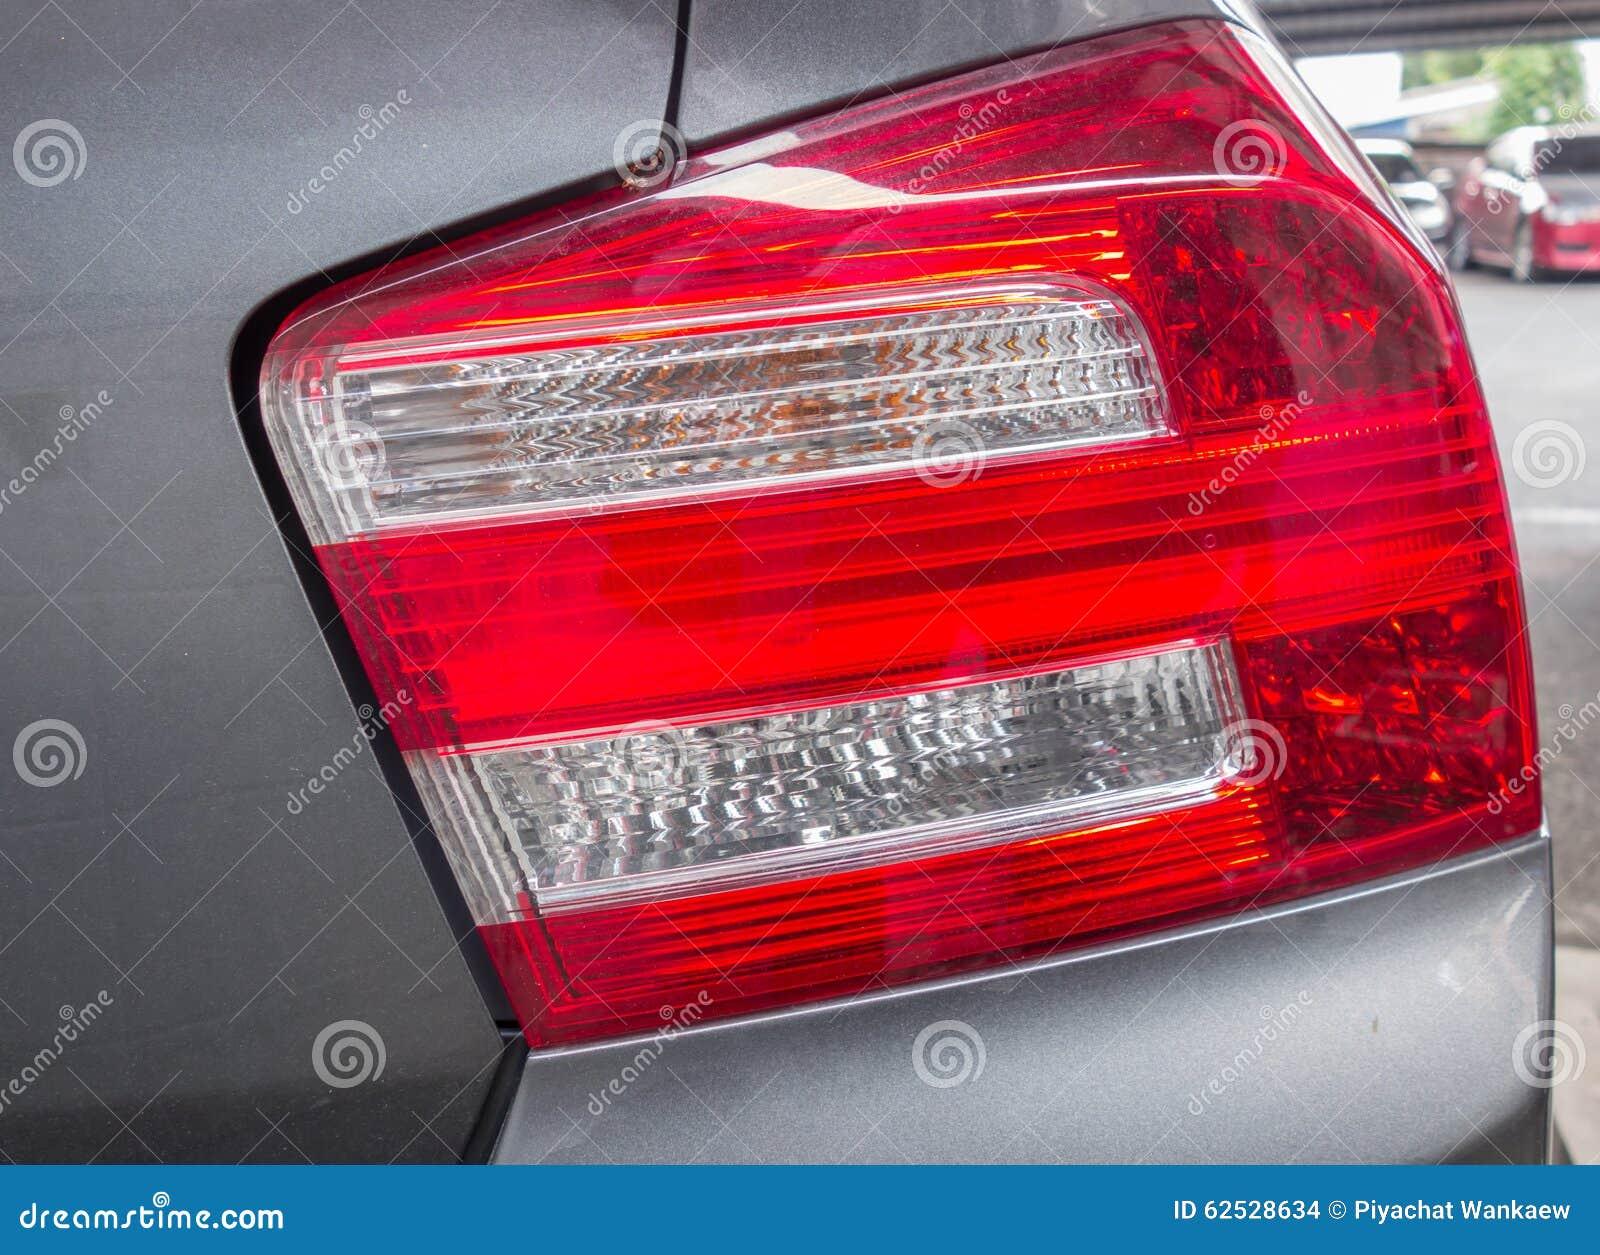 汽车红色和白色车后灯